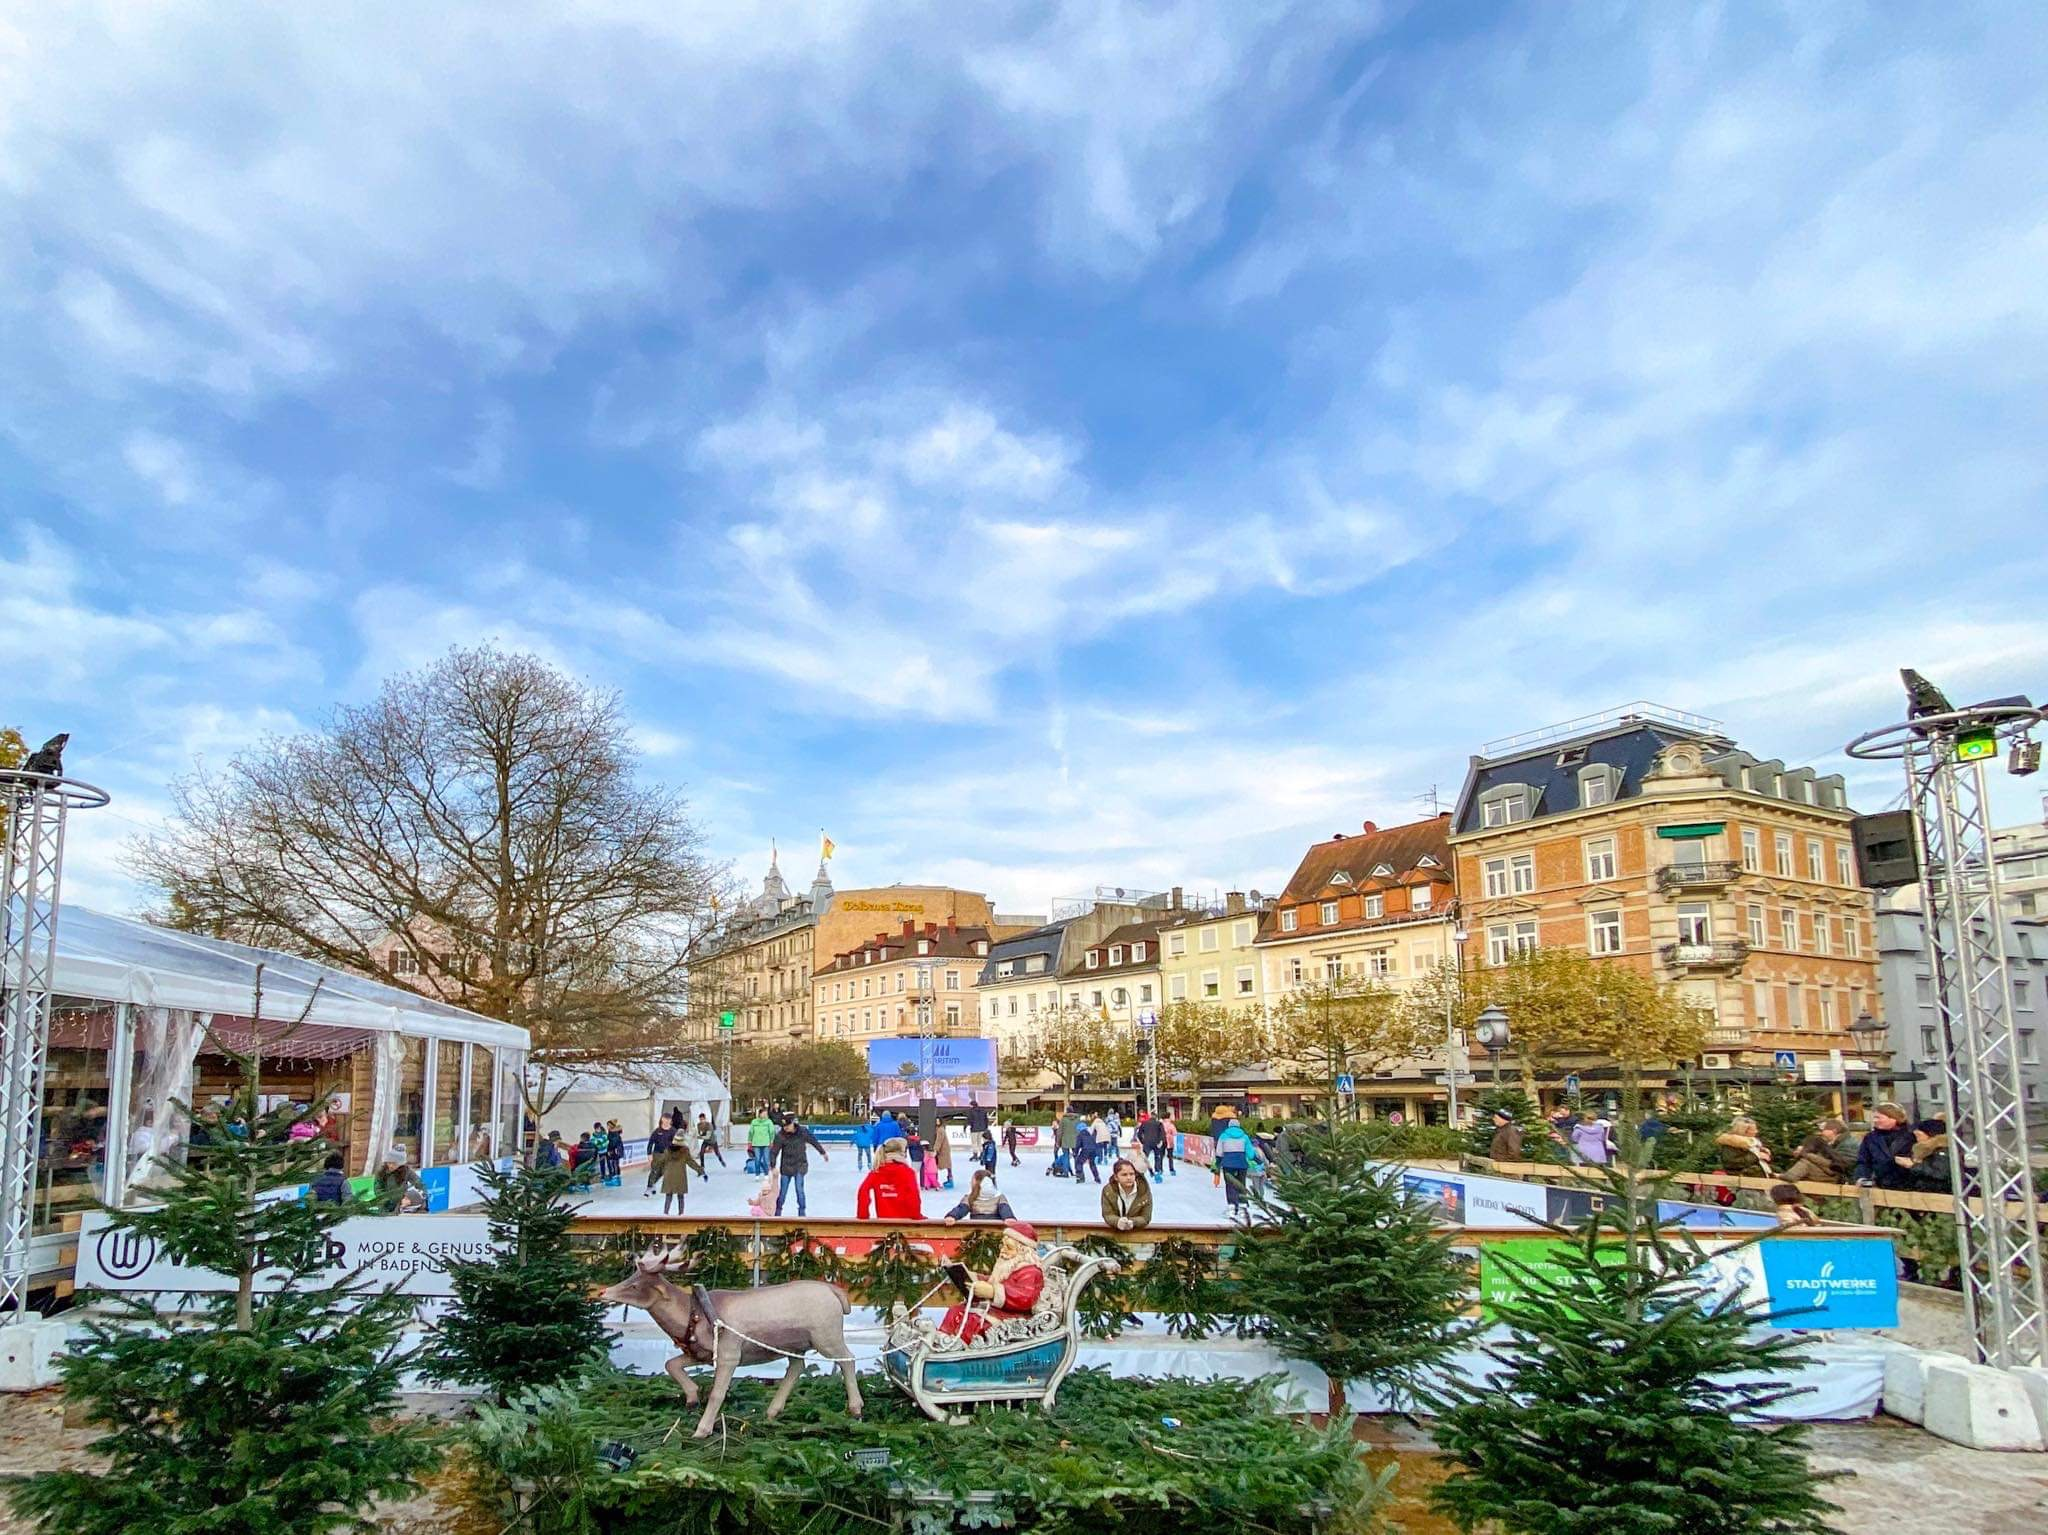 eisarena-baden-baden-weihnachtsmarkt-essen-6